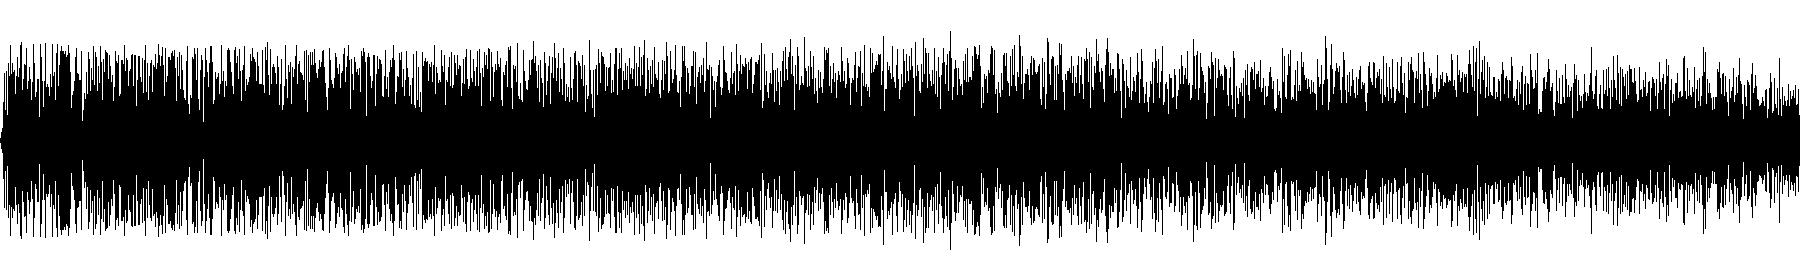 ehp glitchperc 63